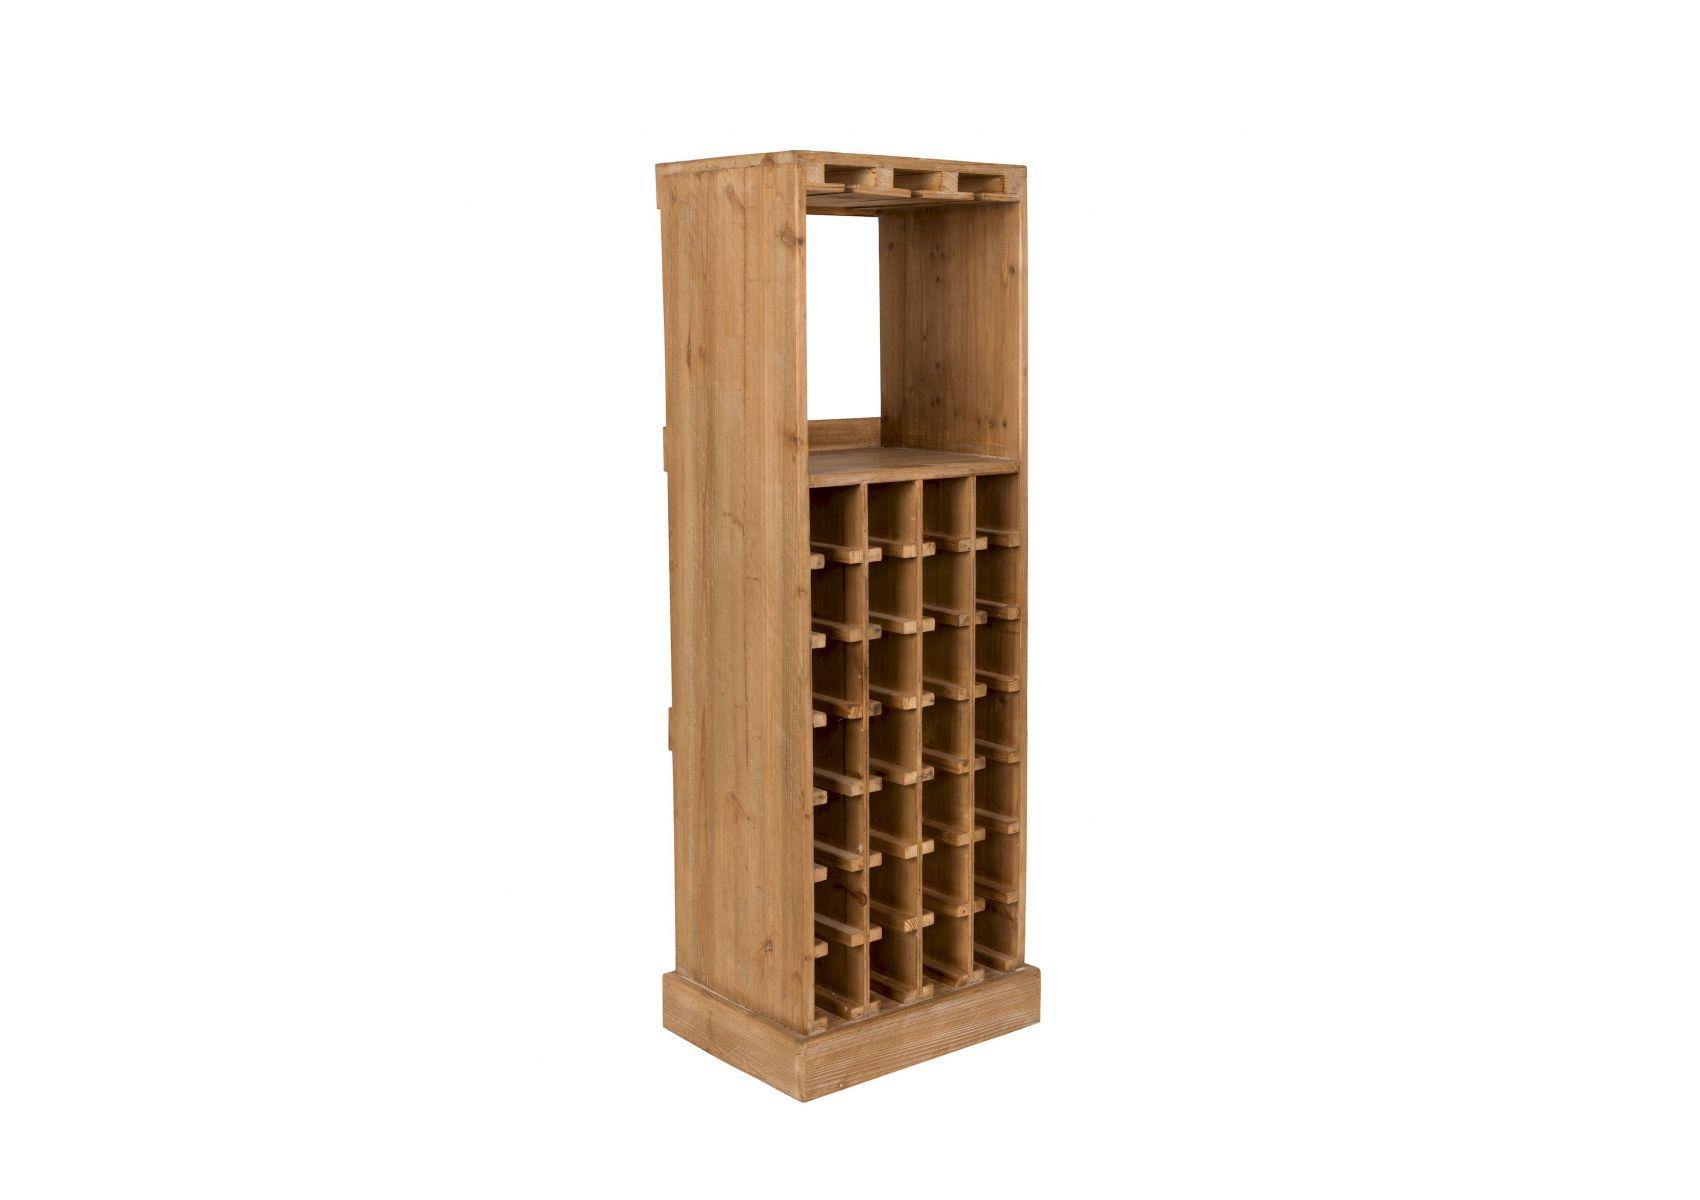 meuble range bouteilles de vin en bois avec rangement verres claude. Black Bedroom Furniture Sets. Home Design Ideas